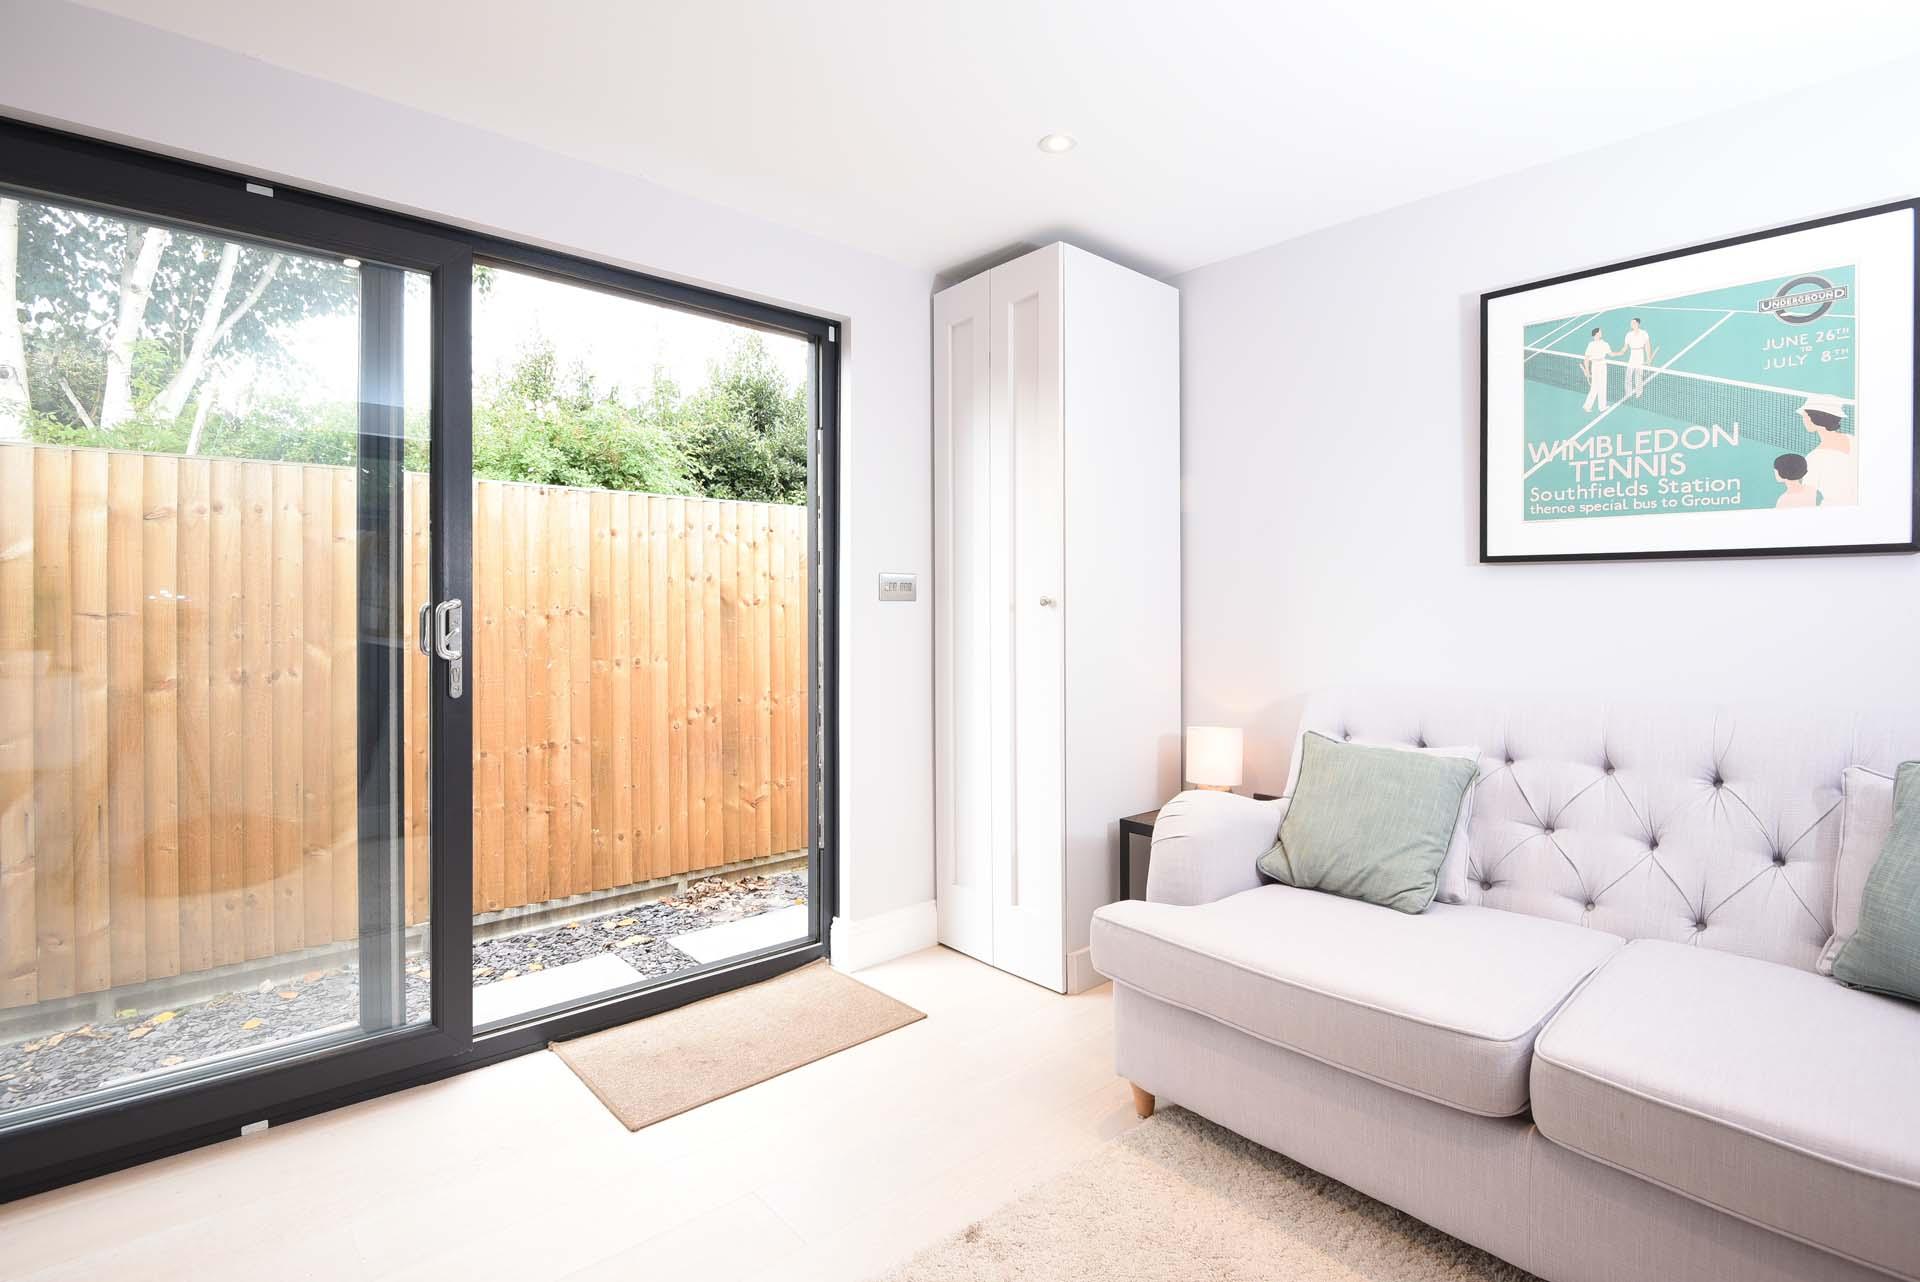 Luxury garden rooms in Essex